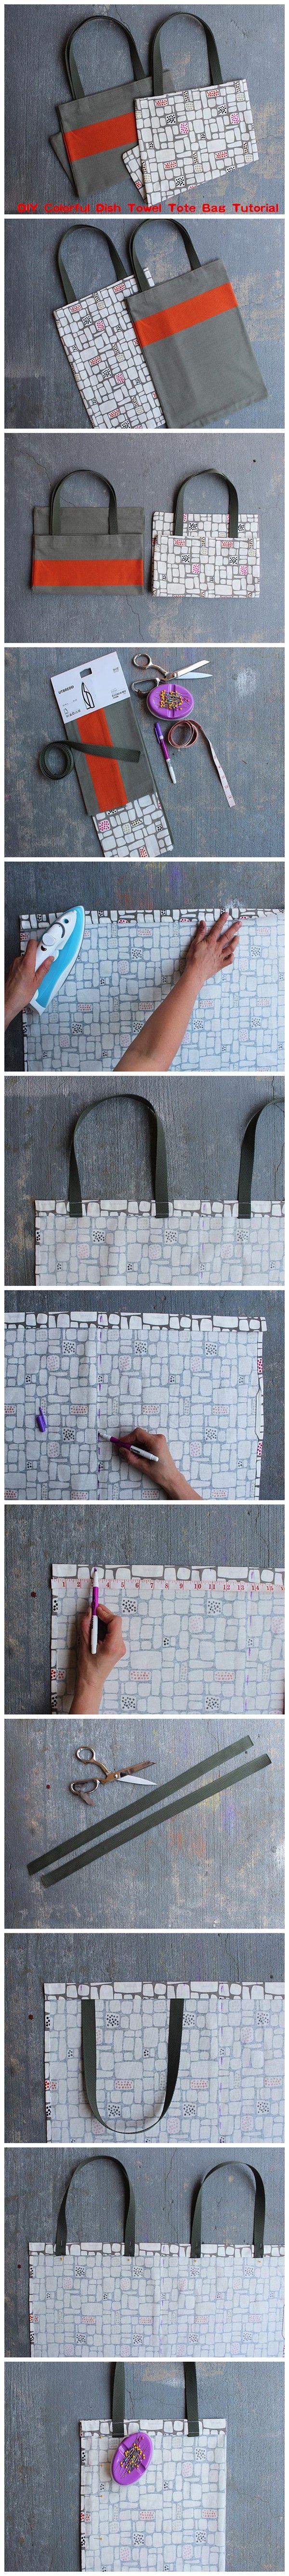 DIY Colorful Dish Towel #Tote #Bag #Tutorial